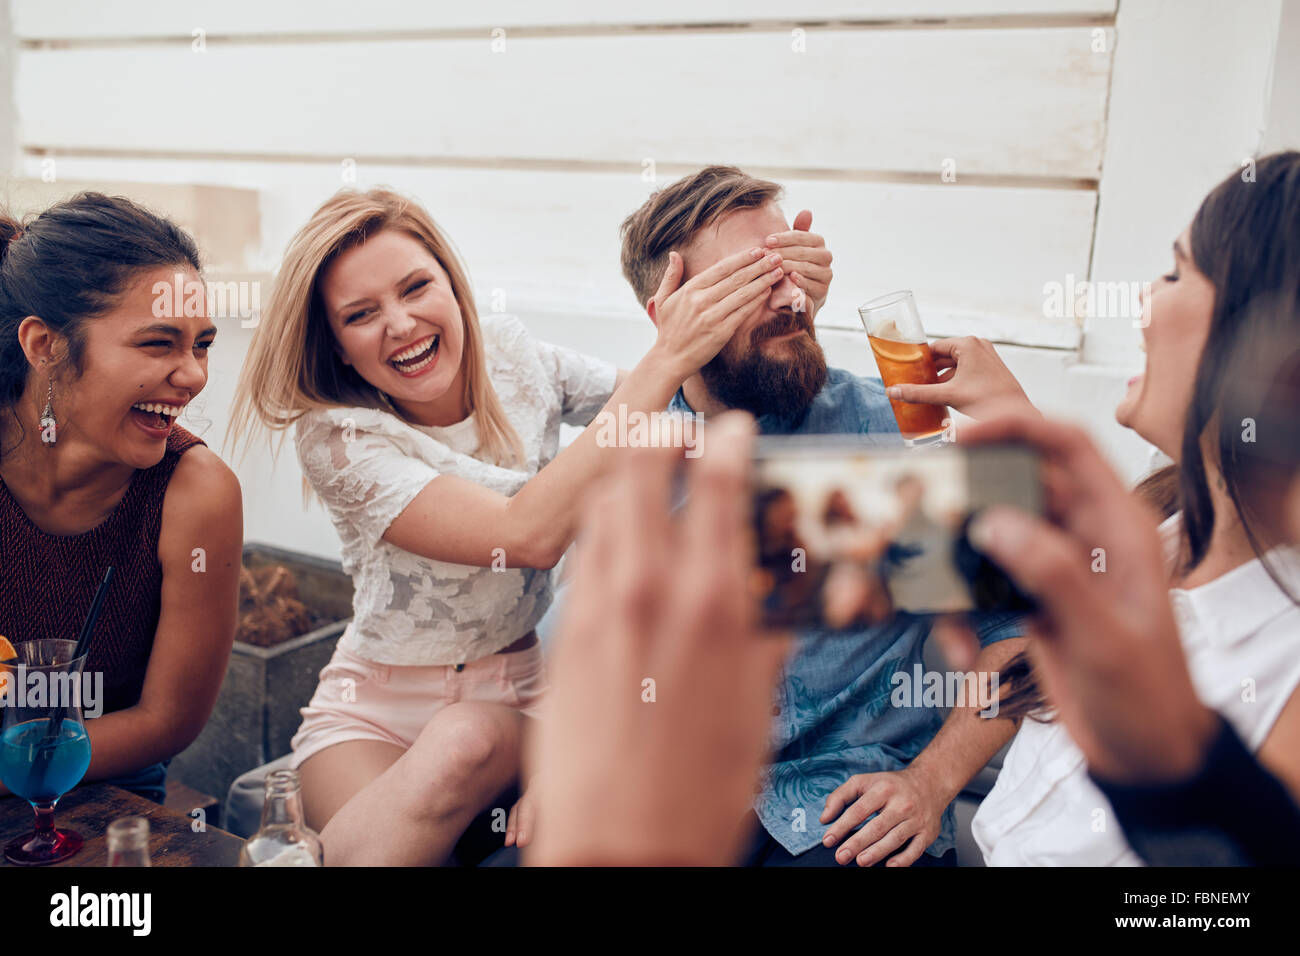 Grupo de Amigos divirtiéndose en una fiesta con un hombre tomando una foto en un teléfono inteligente. Los jóvenes disfrutando un partido juntos. Foto de stock